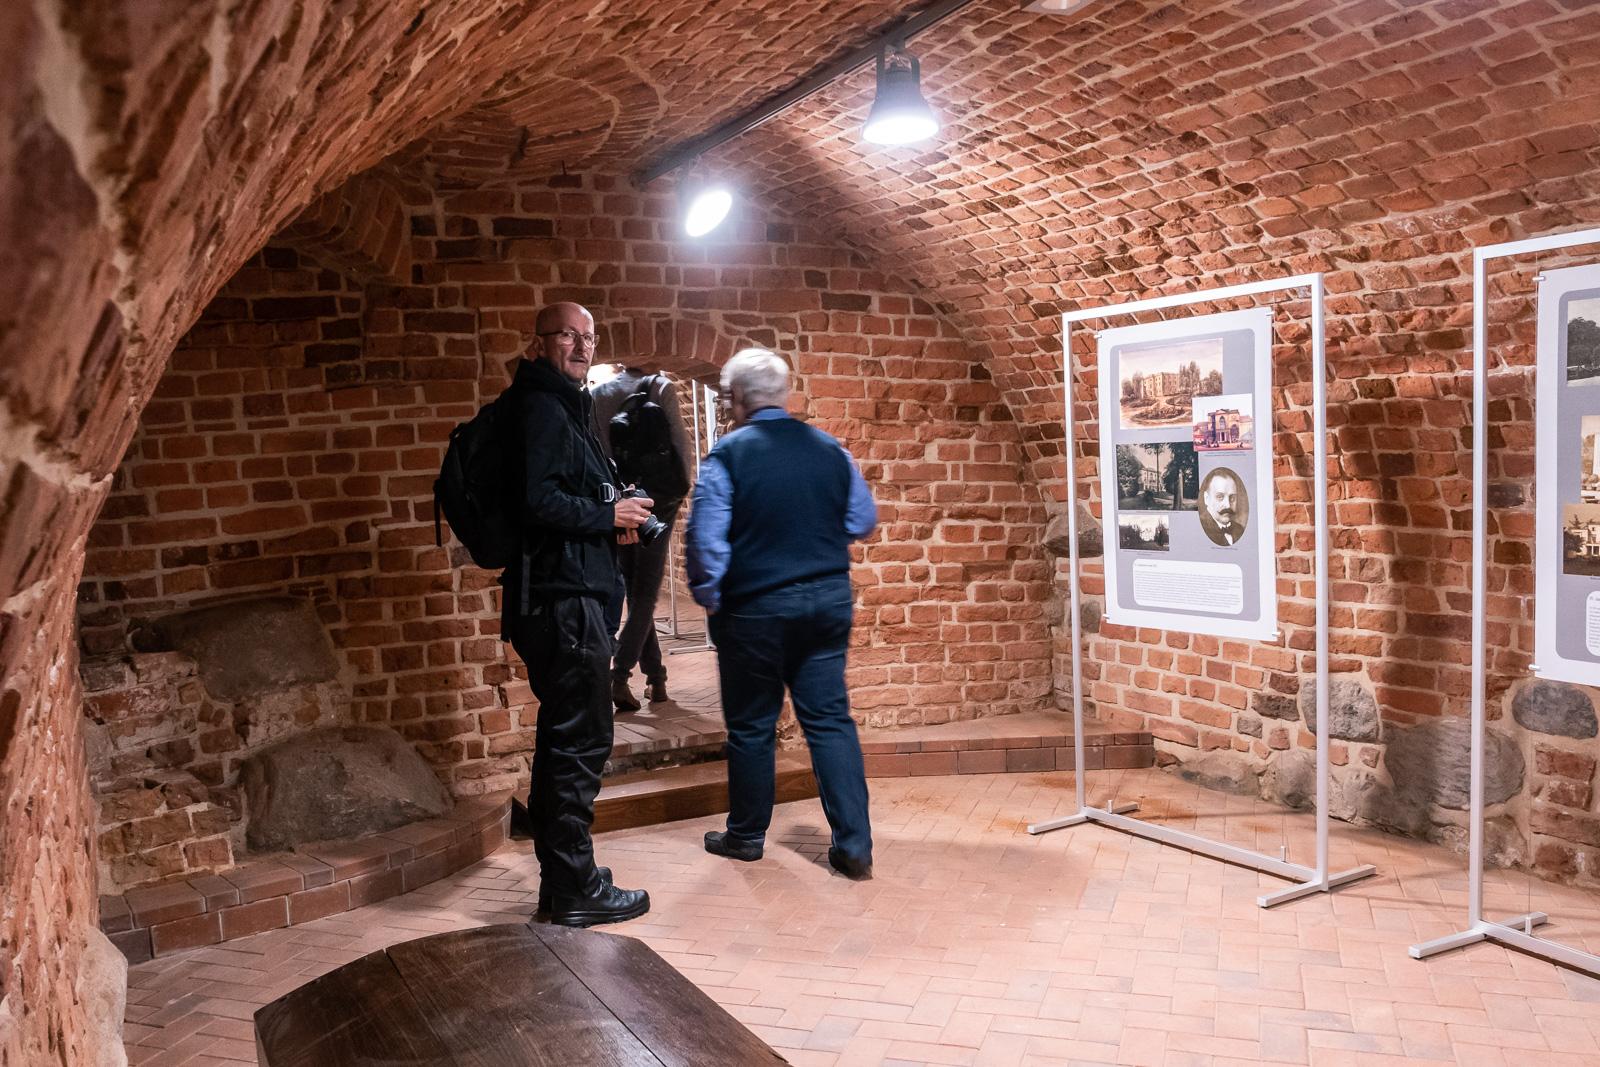 Worldwide Photo Walk 2019 - Plener fotograficzny Tarnowo Podgórne, Jankowice 05-10-2019 fot. Danka Koryl